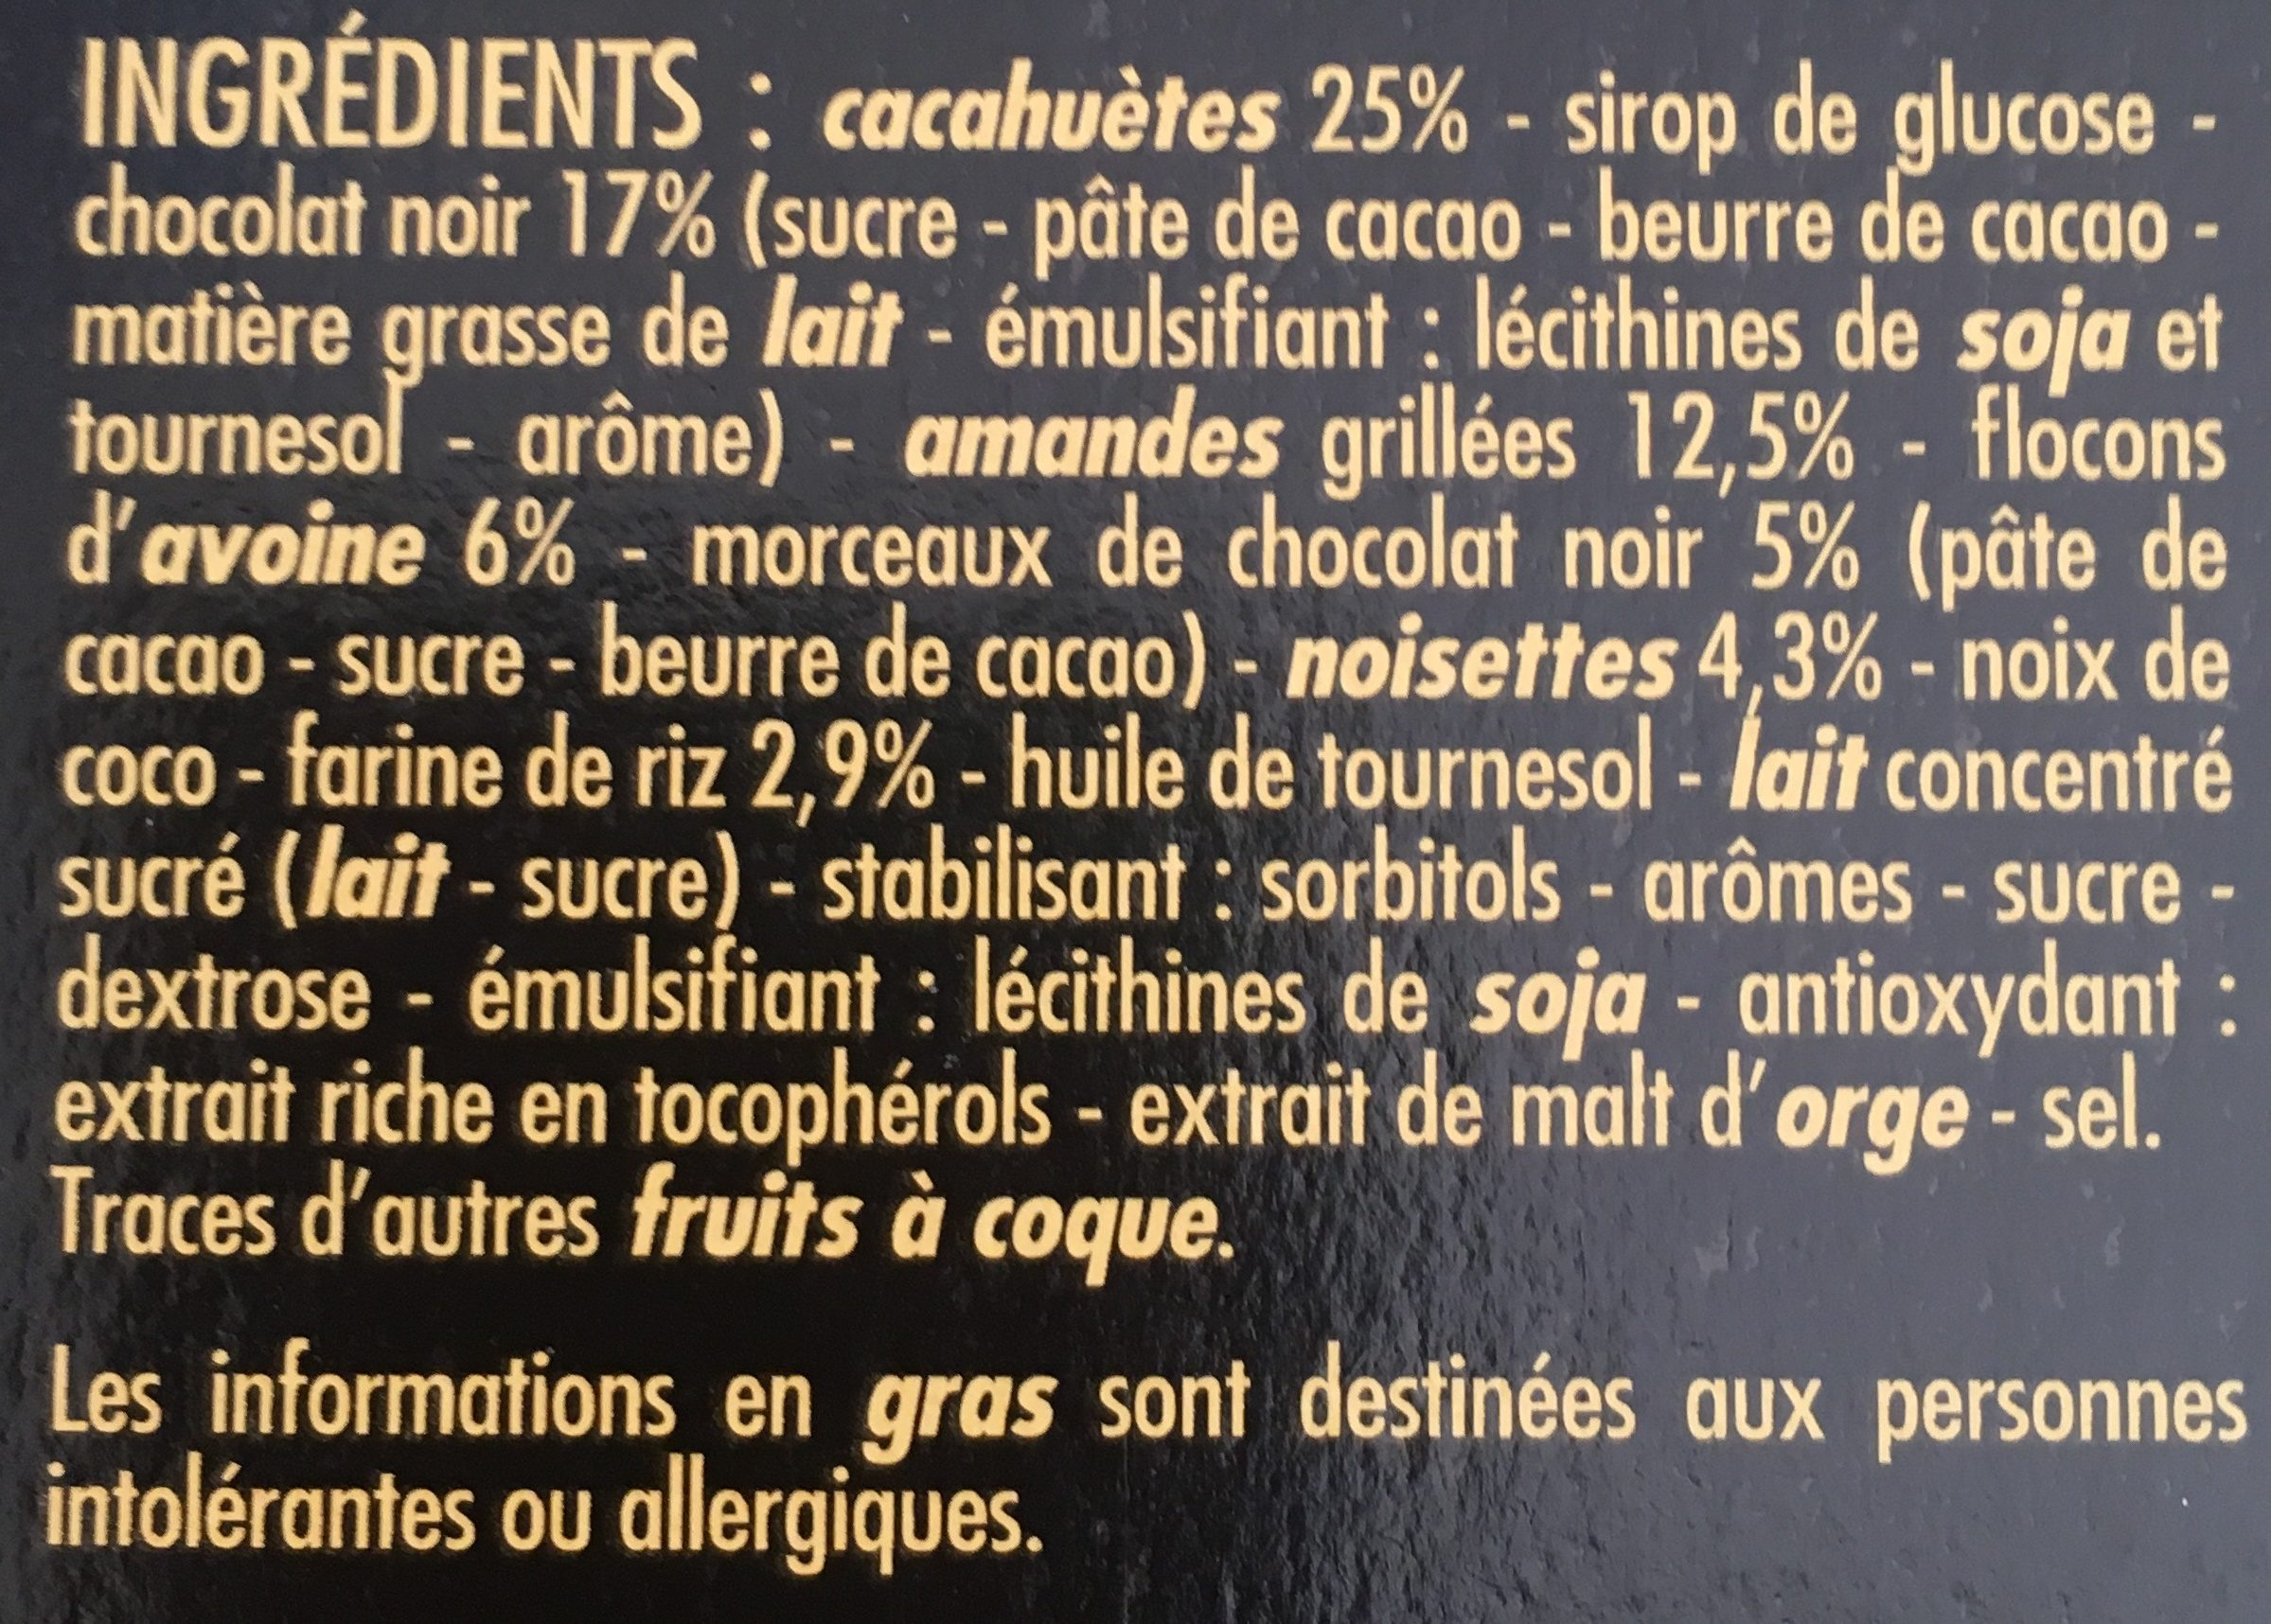 Barres ultra gourmandes Chocolat Noir, cacahuètes, amandes grillées, noisettes Casino - Ingrediënten - fr